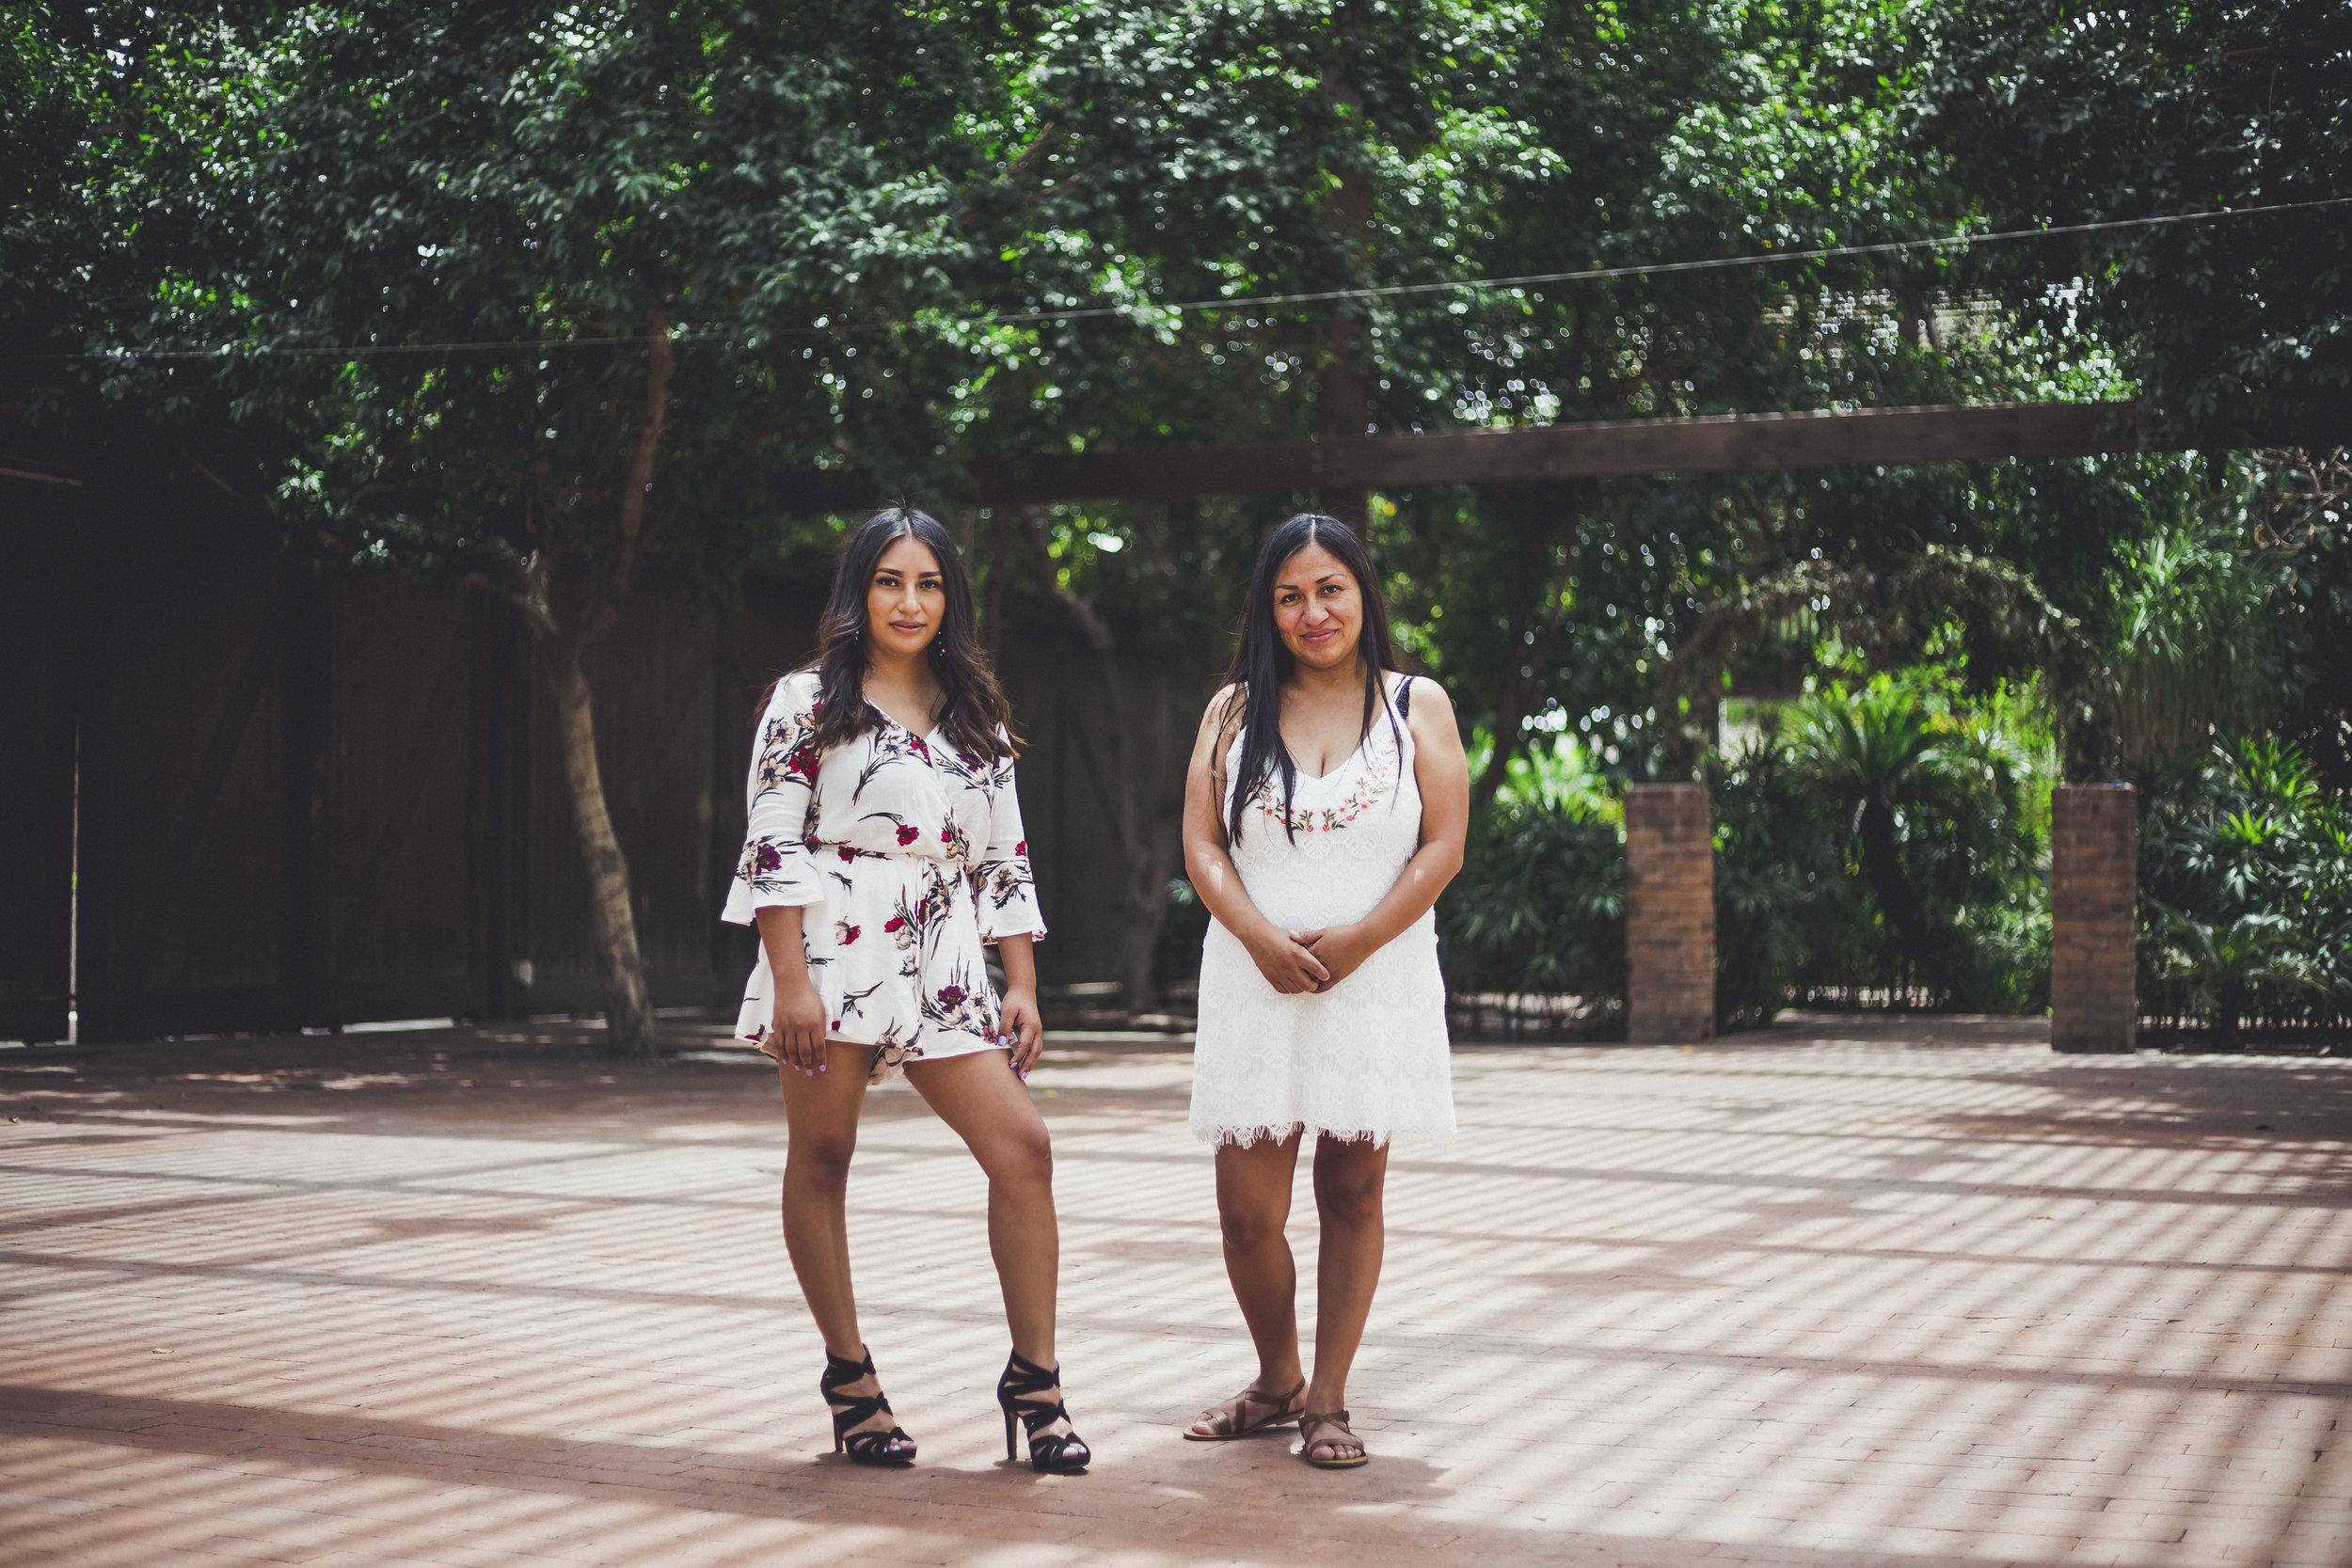 05-02-2019 Blanca y Laura Grad Portraits_4726.jpg